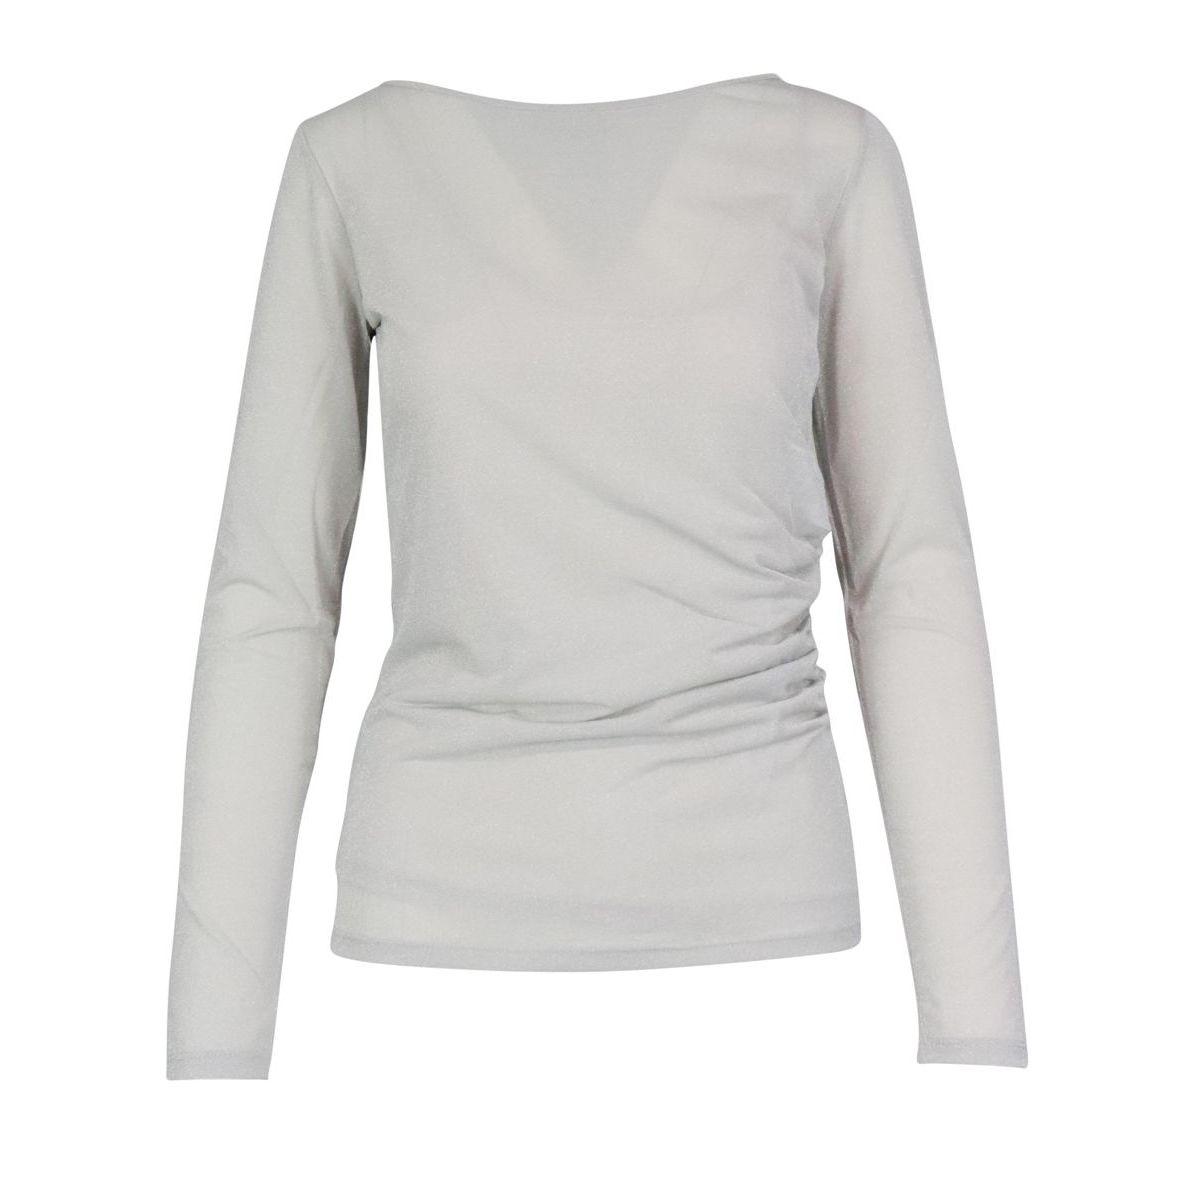 Cirino sweater in lurex acetate blend Silver MAX MARA STUDIO